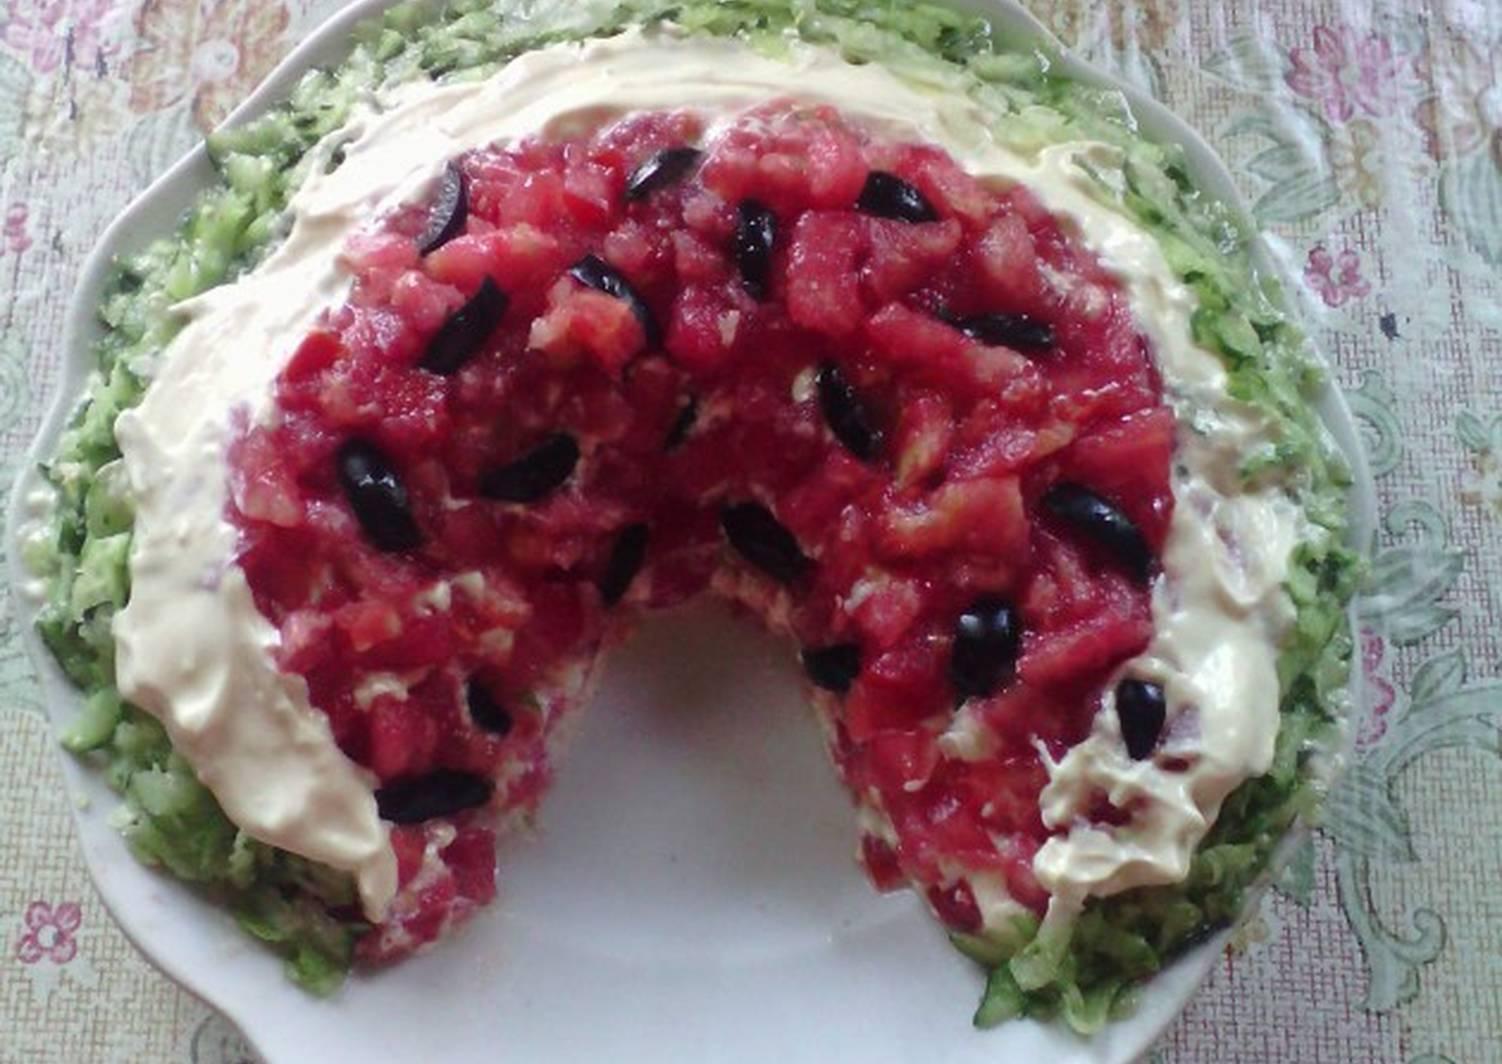 даже салат арбузная долька с виноградом рецепт фото обиходе жители